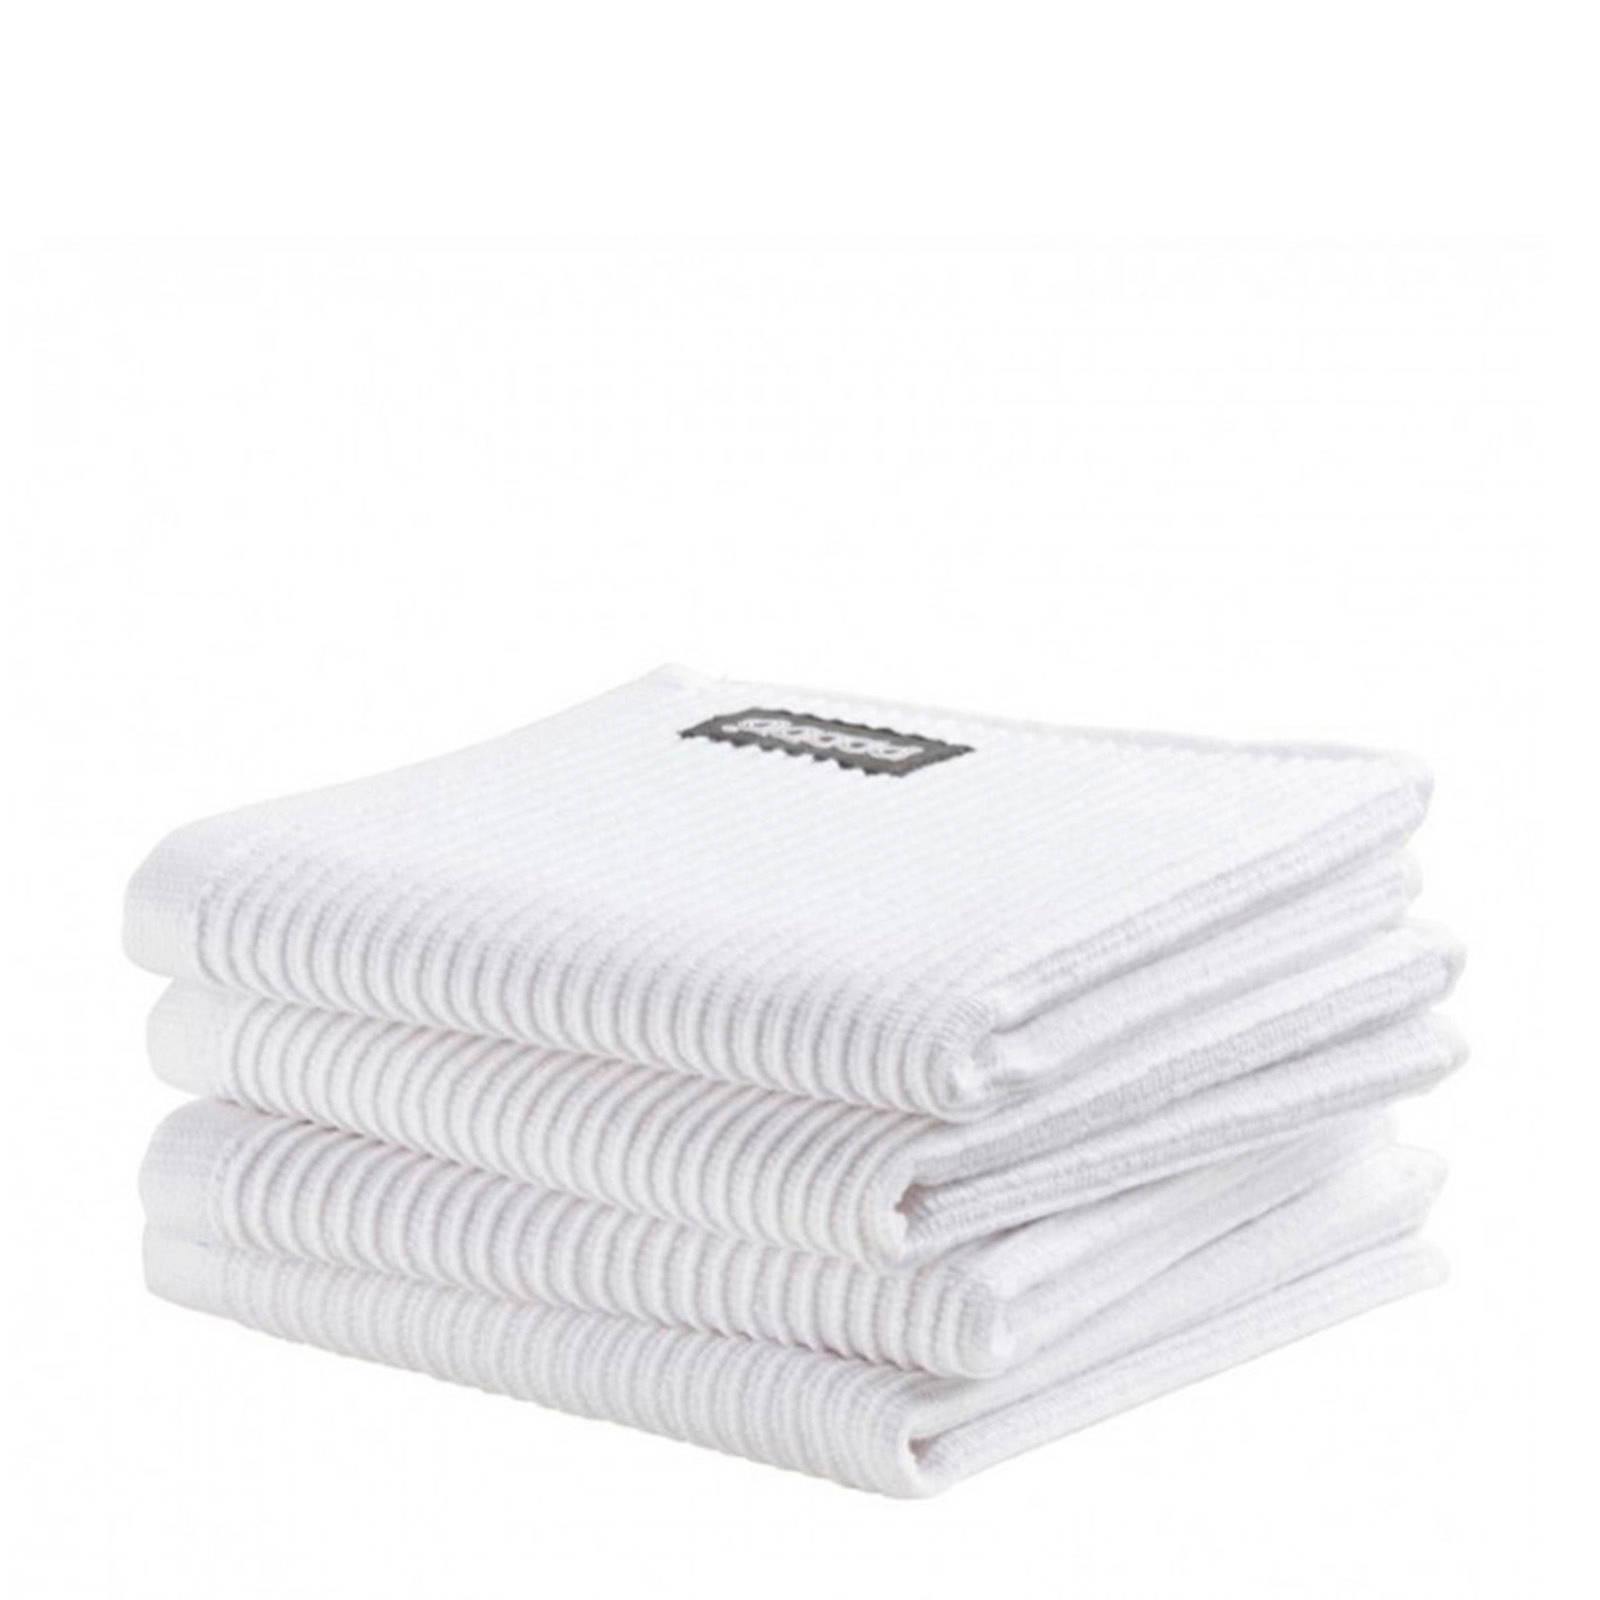 DDDDD Basic Clean vaatdoek set (30x30 cm) (set van 4) online kopen